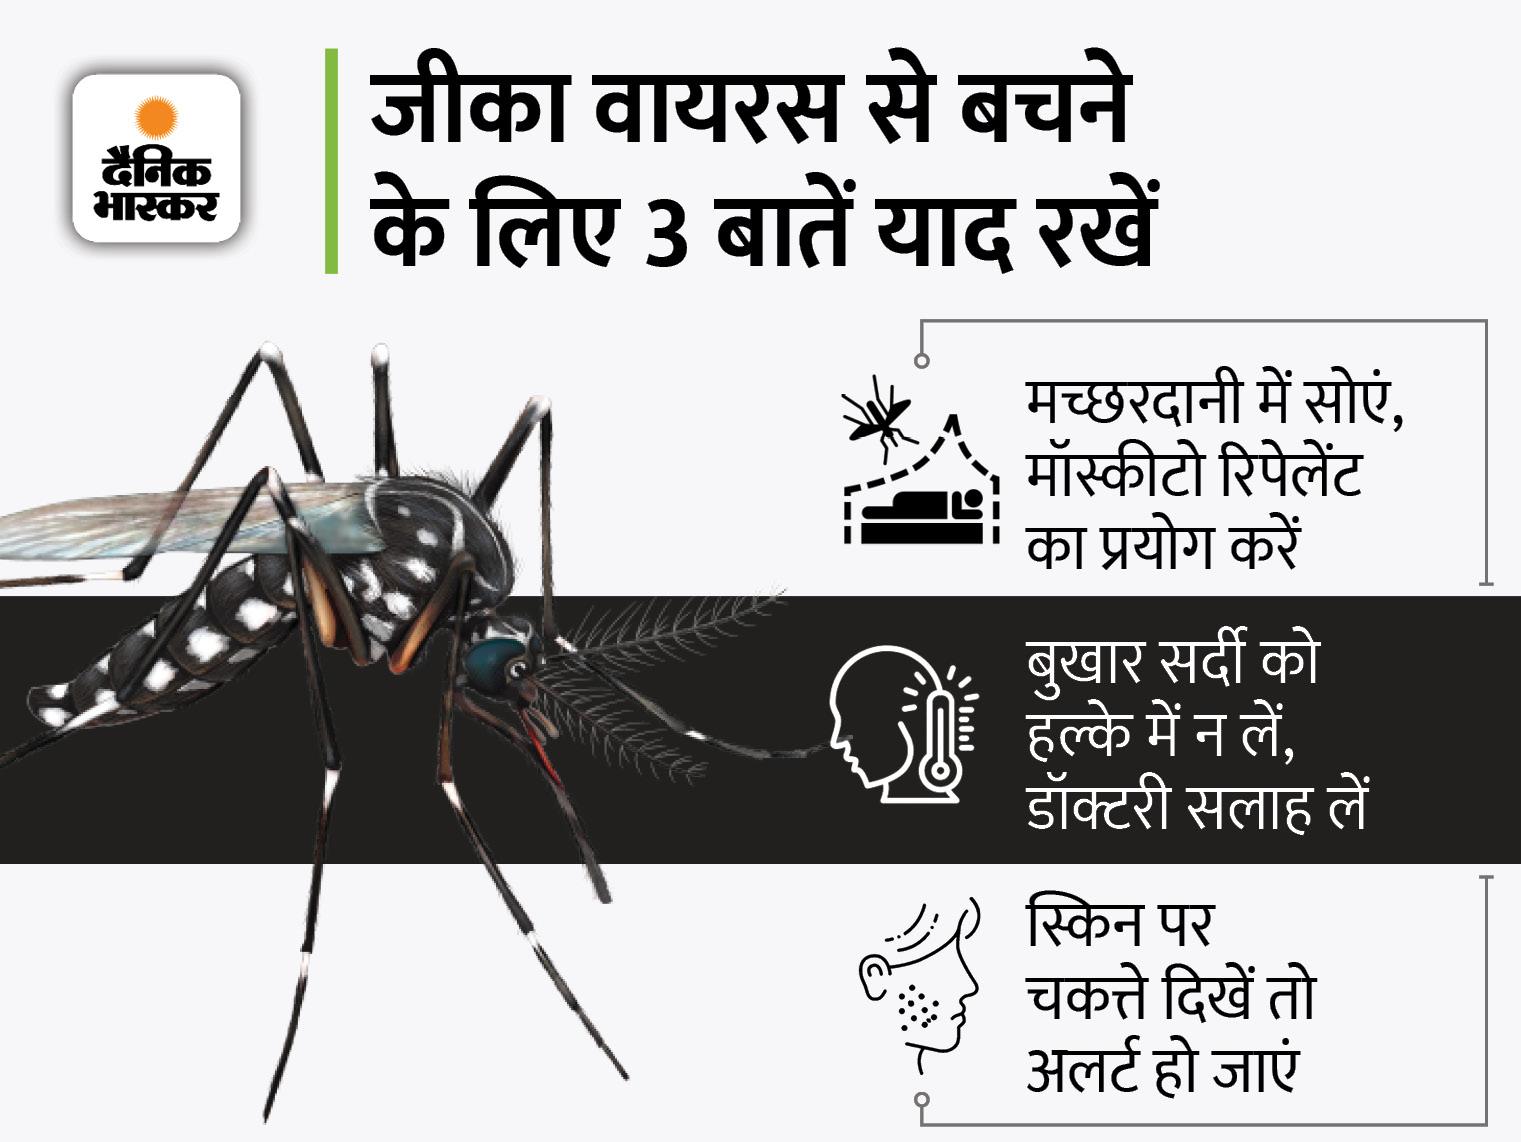 पुणे में 50 साल की महिला संक्रमित; केरल में अब तक 63 मरीज सामने आ चुके हैं|देश,National - Dainik Bhaskar